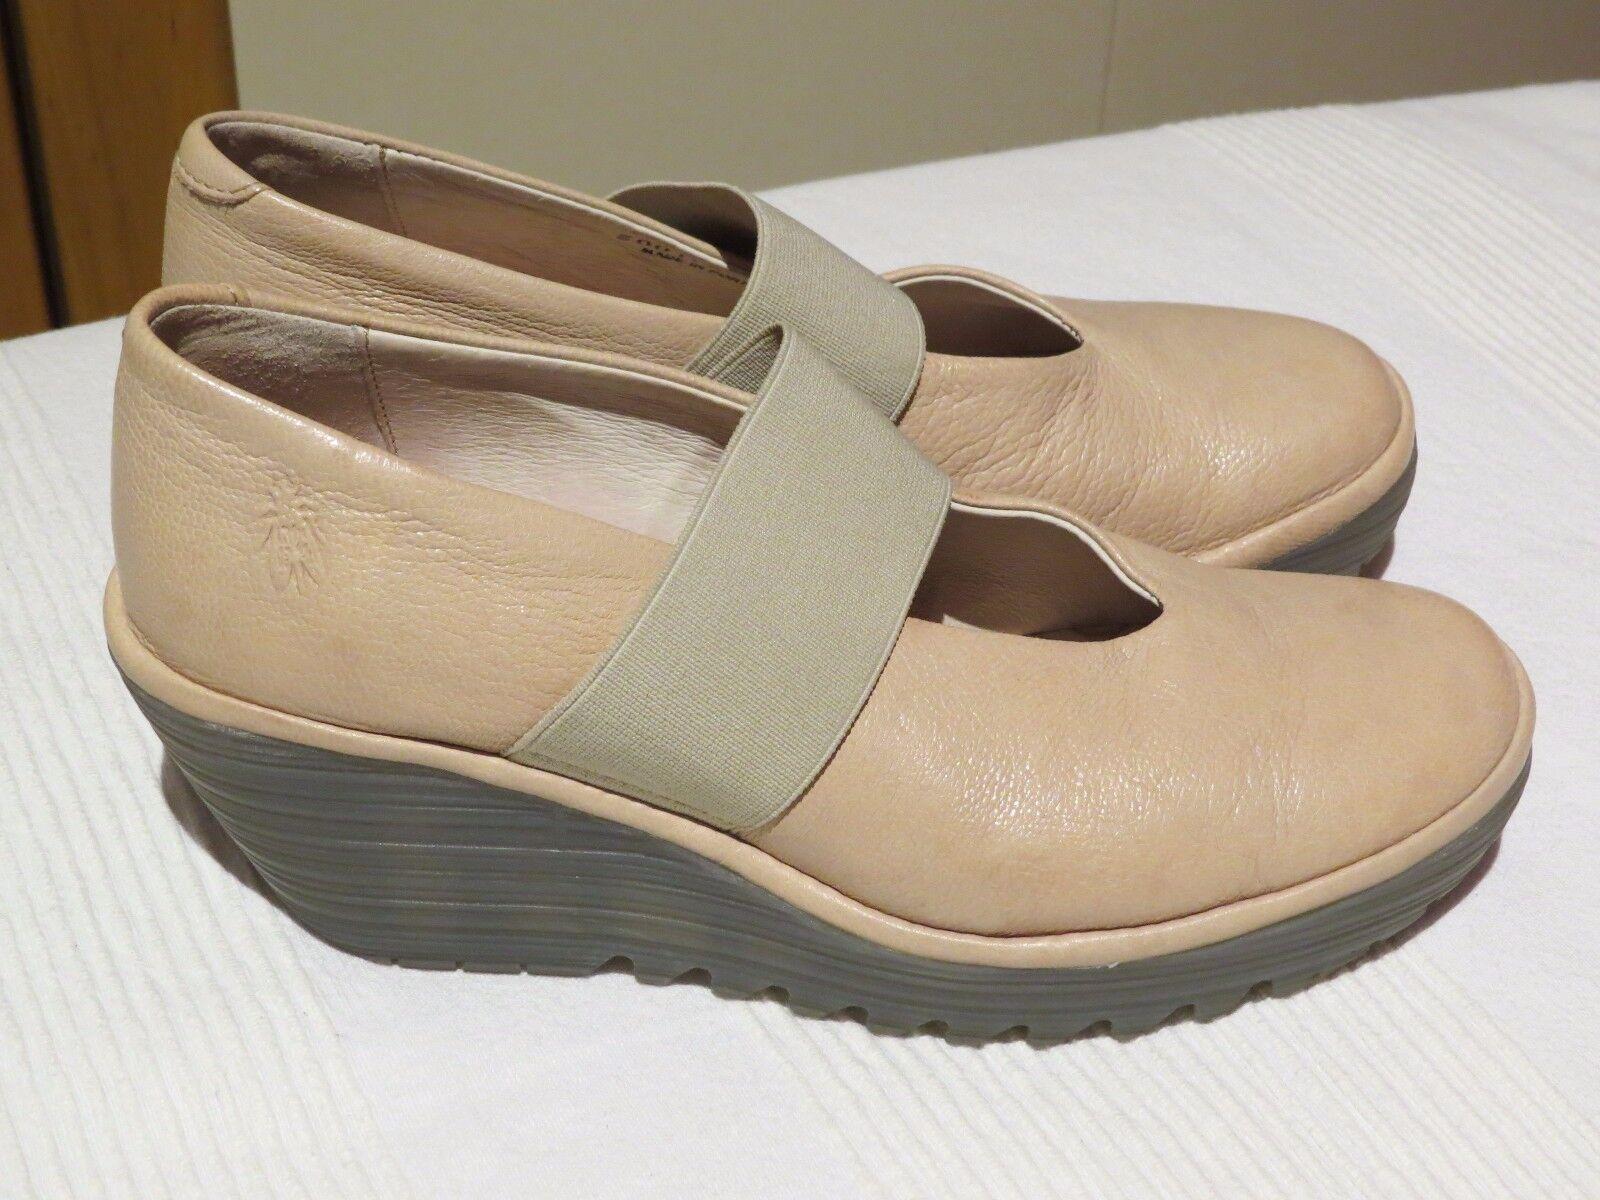 FLY LONDON YALE CREAM / NUDE LEATHER SLIP ON MARY JANE Schuhe UK 4 EUR 37